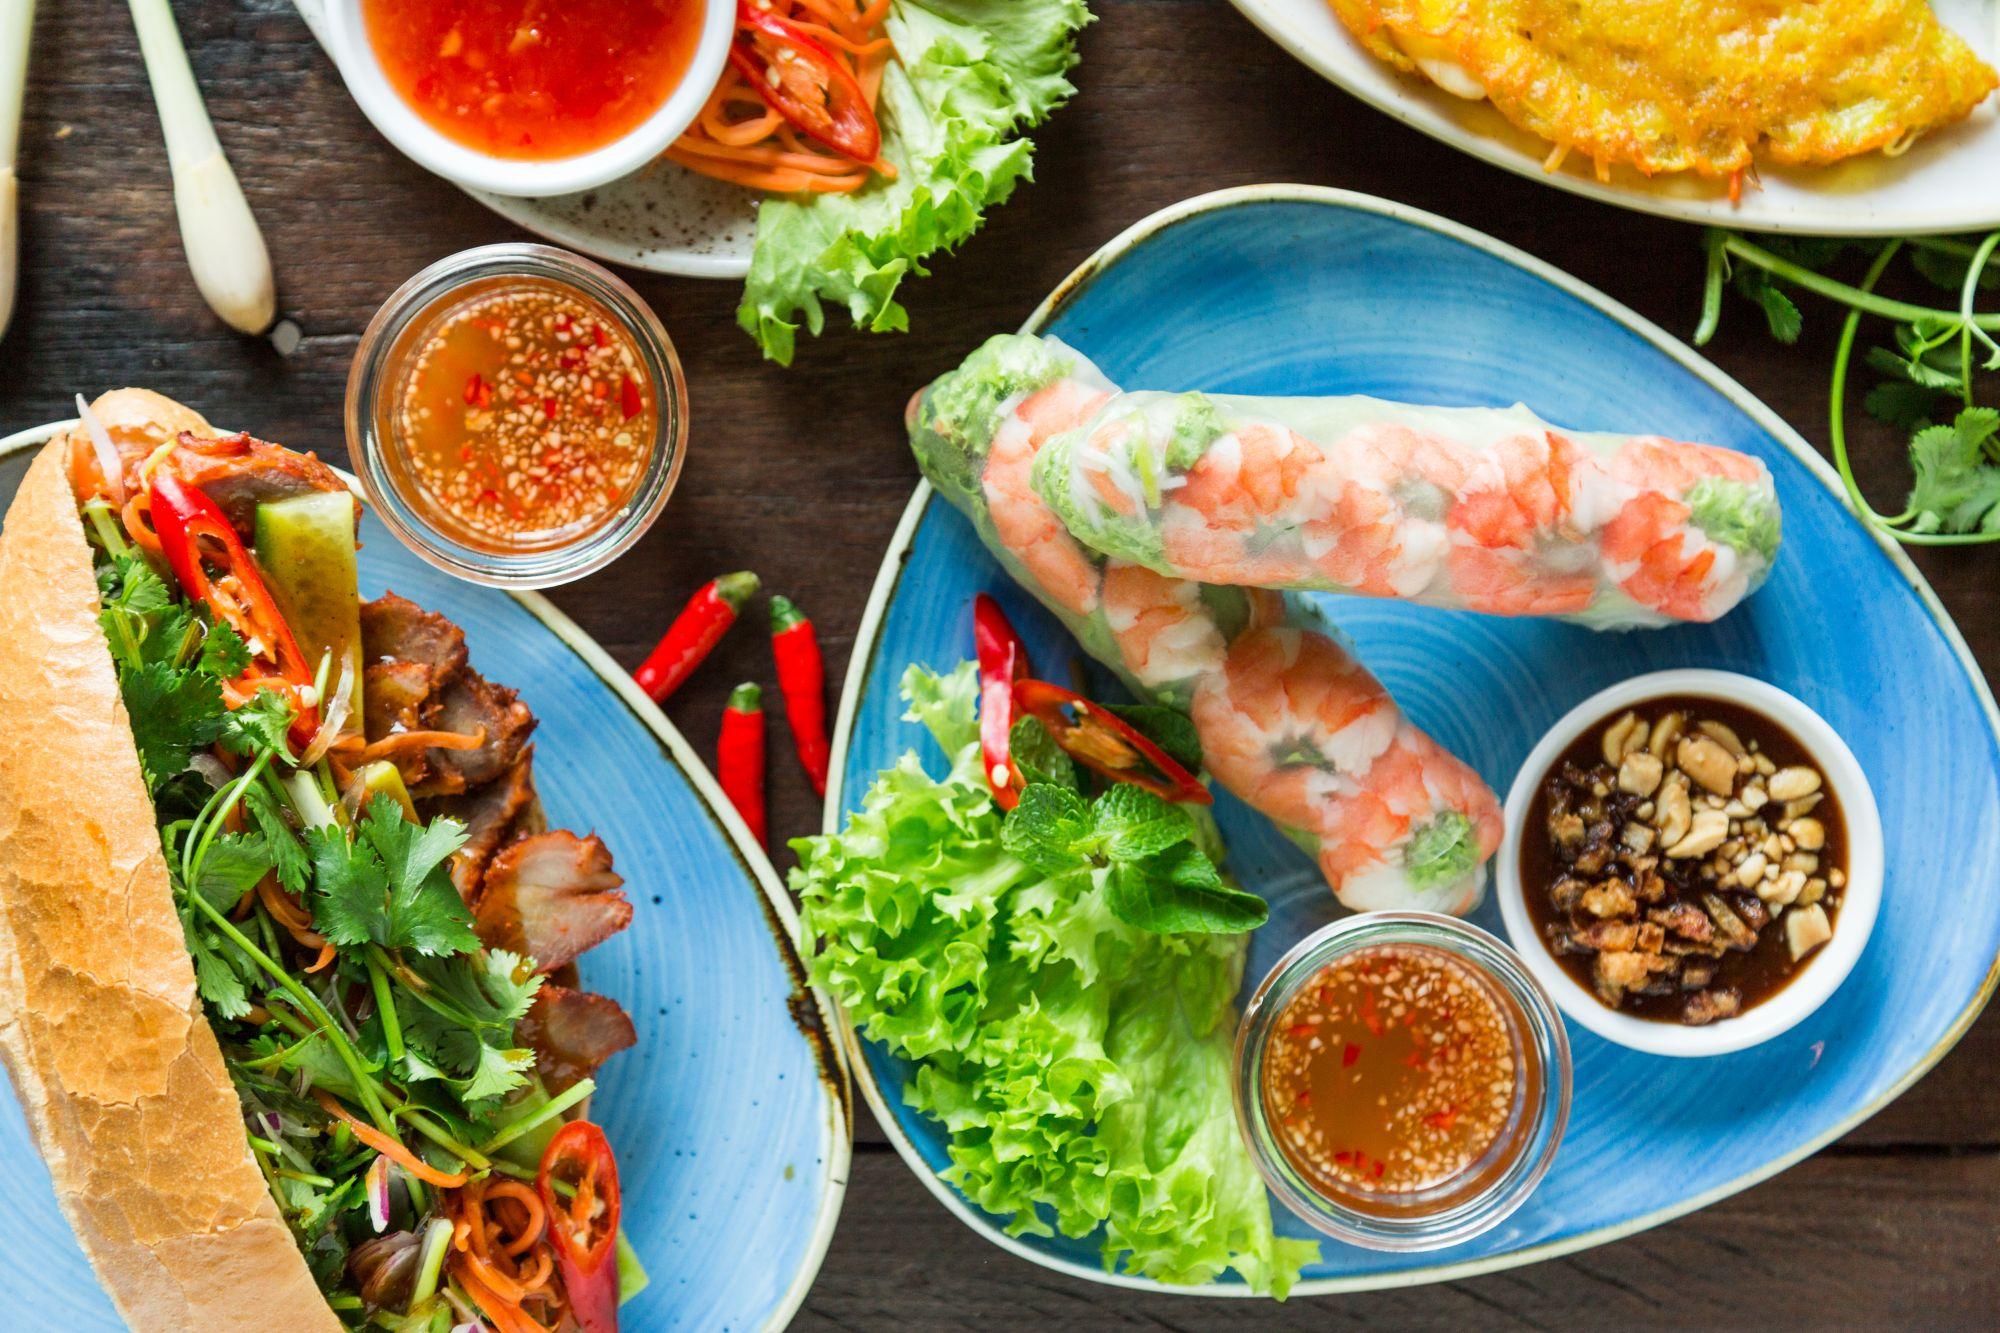 Gerelateerd blog artikel Top 10 lekkerste Vietnamese gerechten